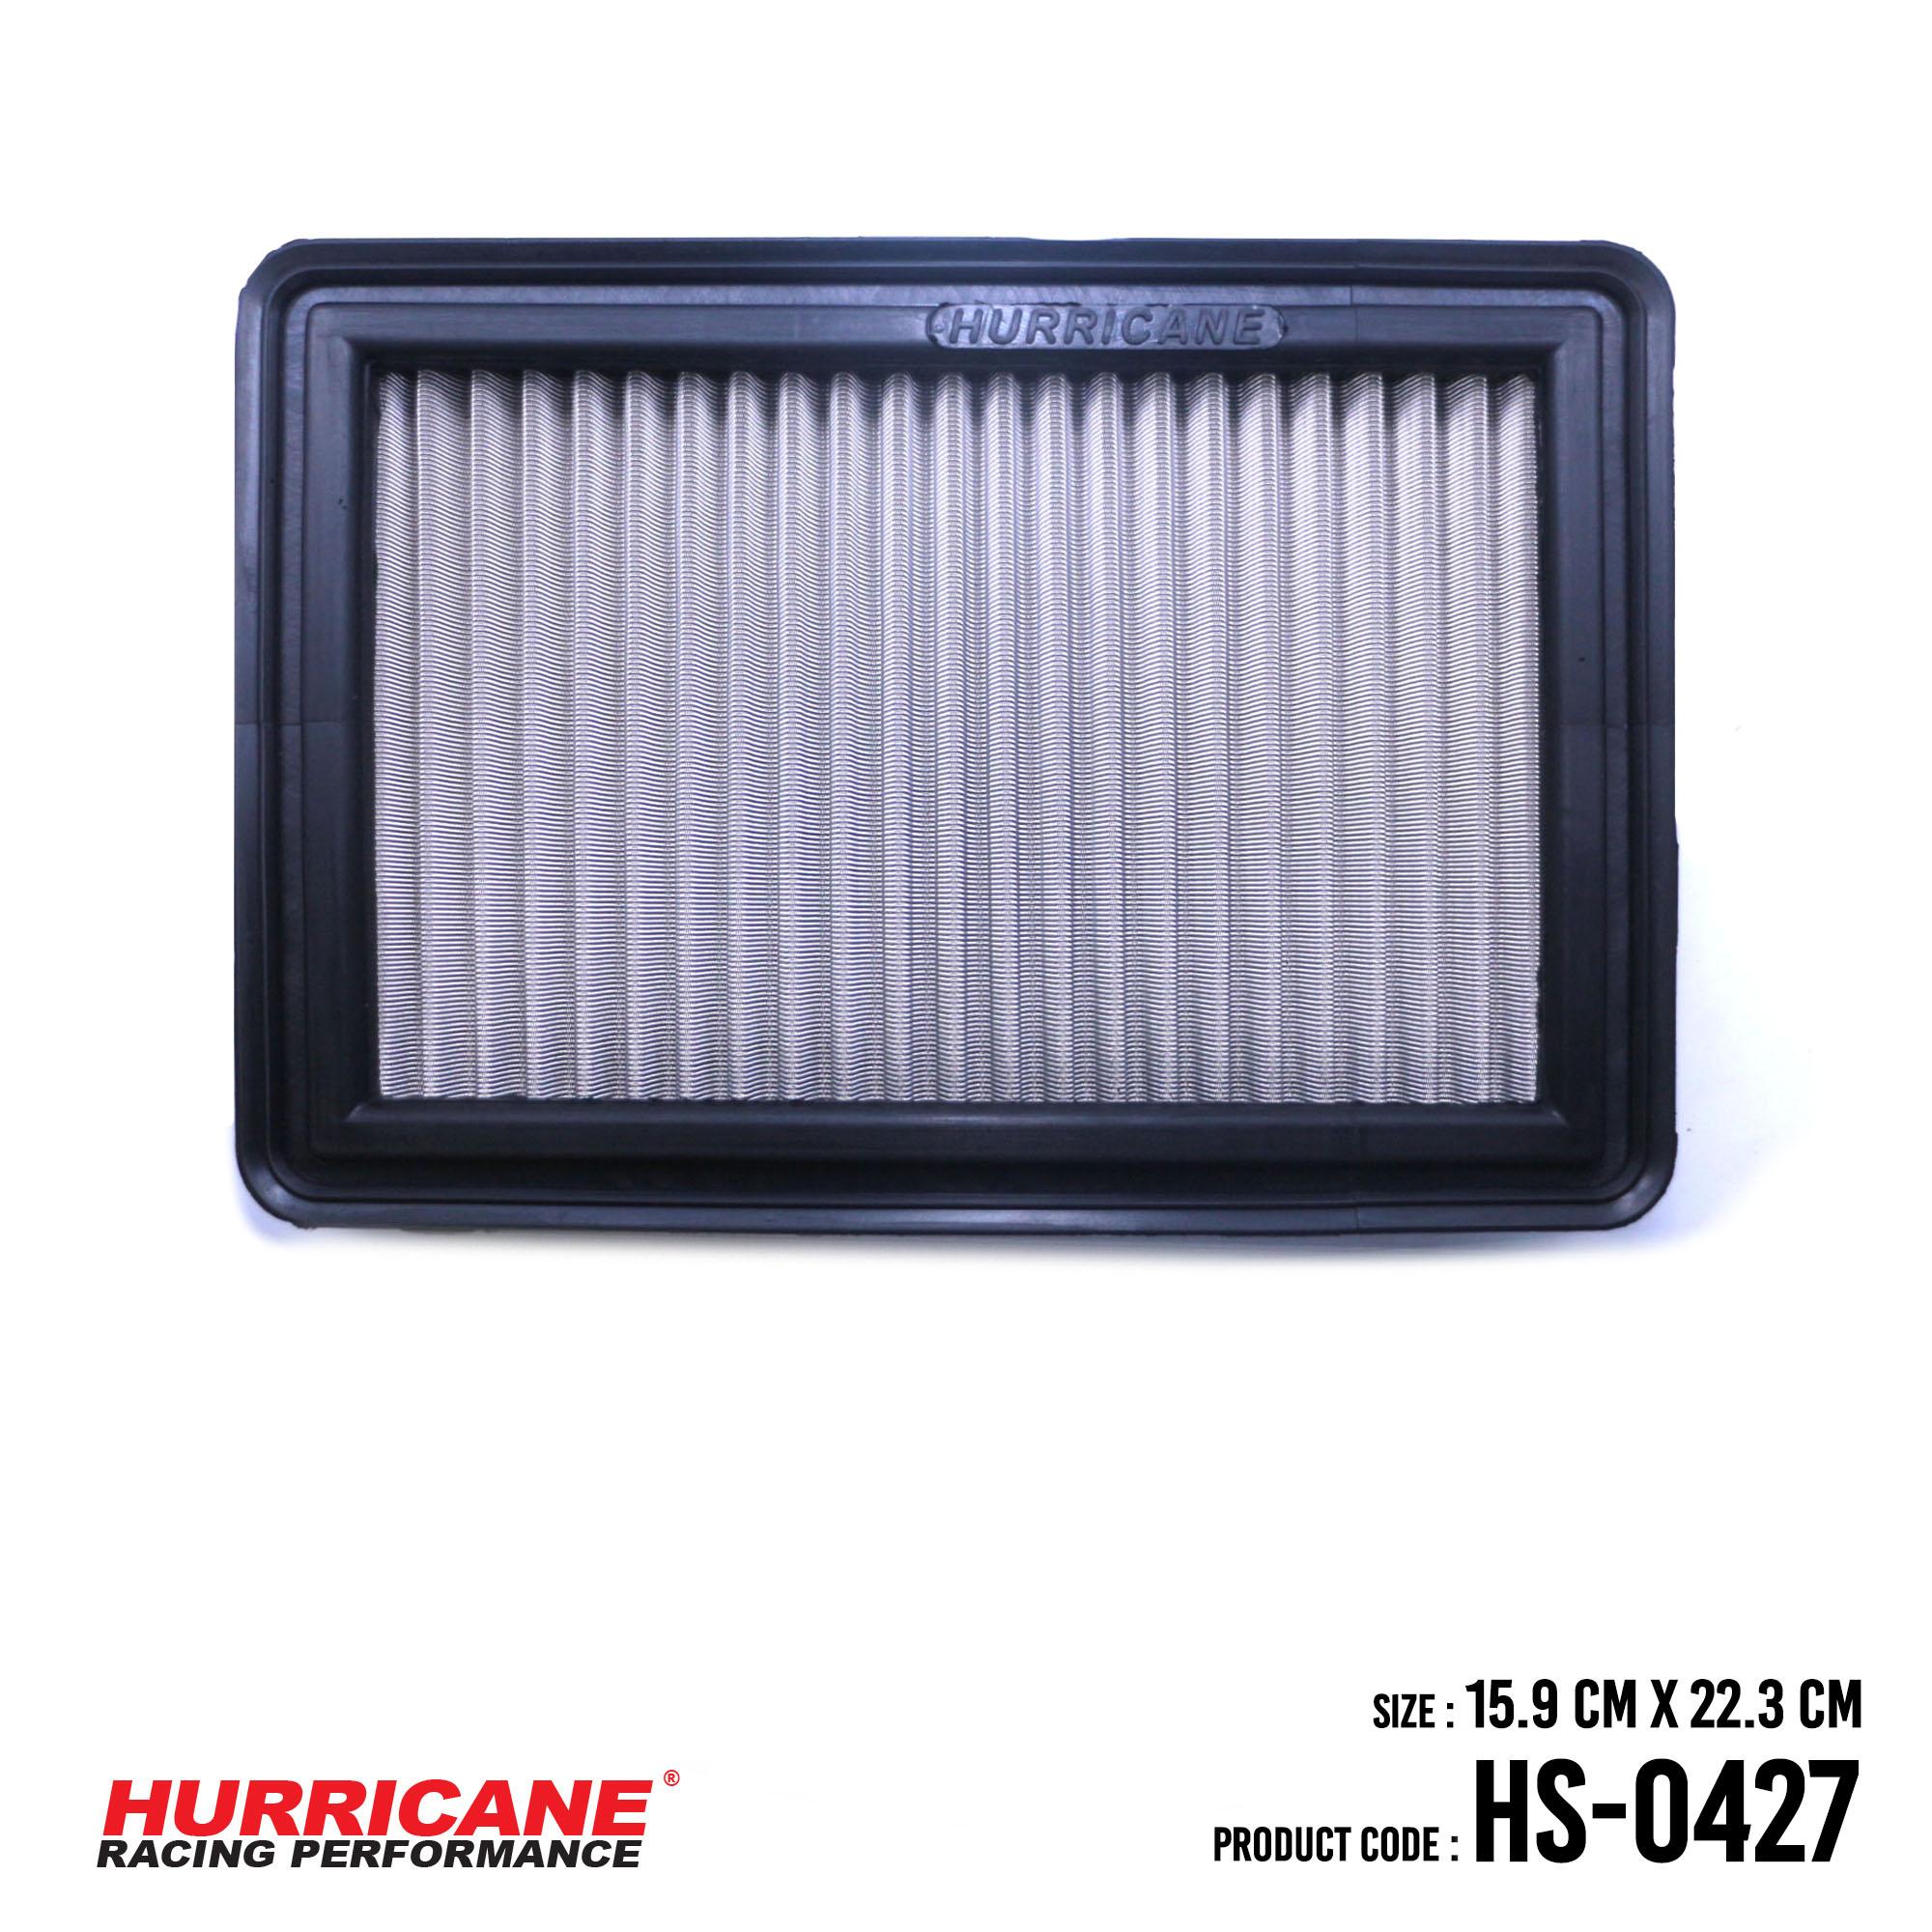 HURRICANE STAINLESS STEEL AIR FILTER FOR HS-0427 Honda